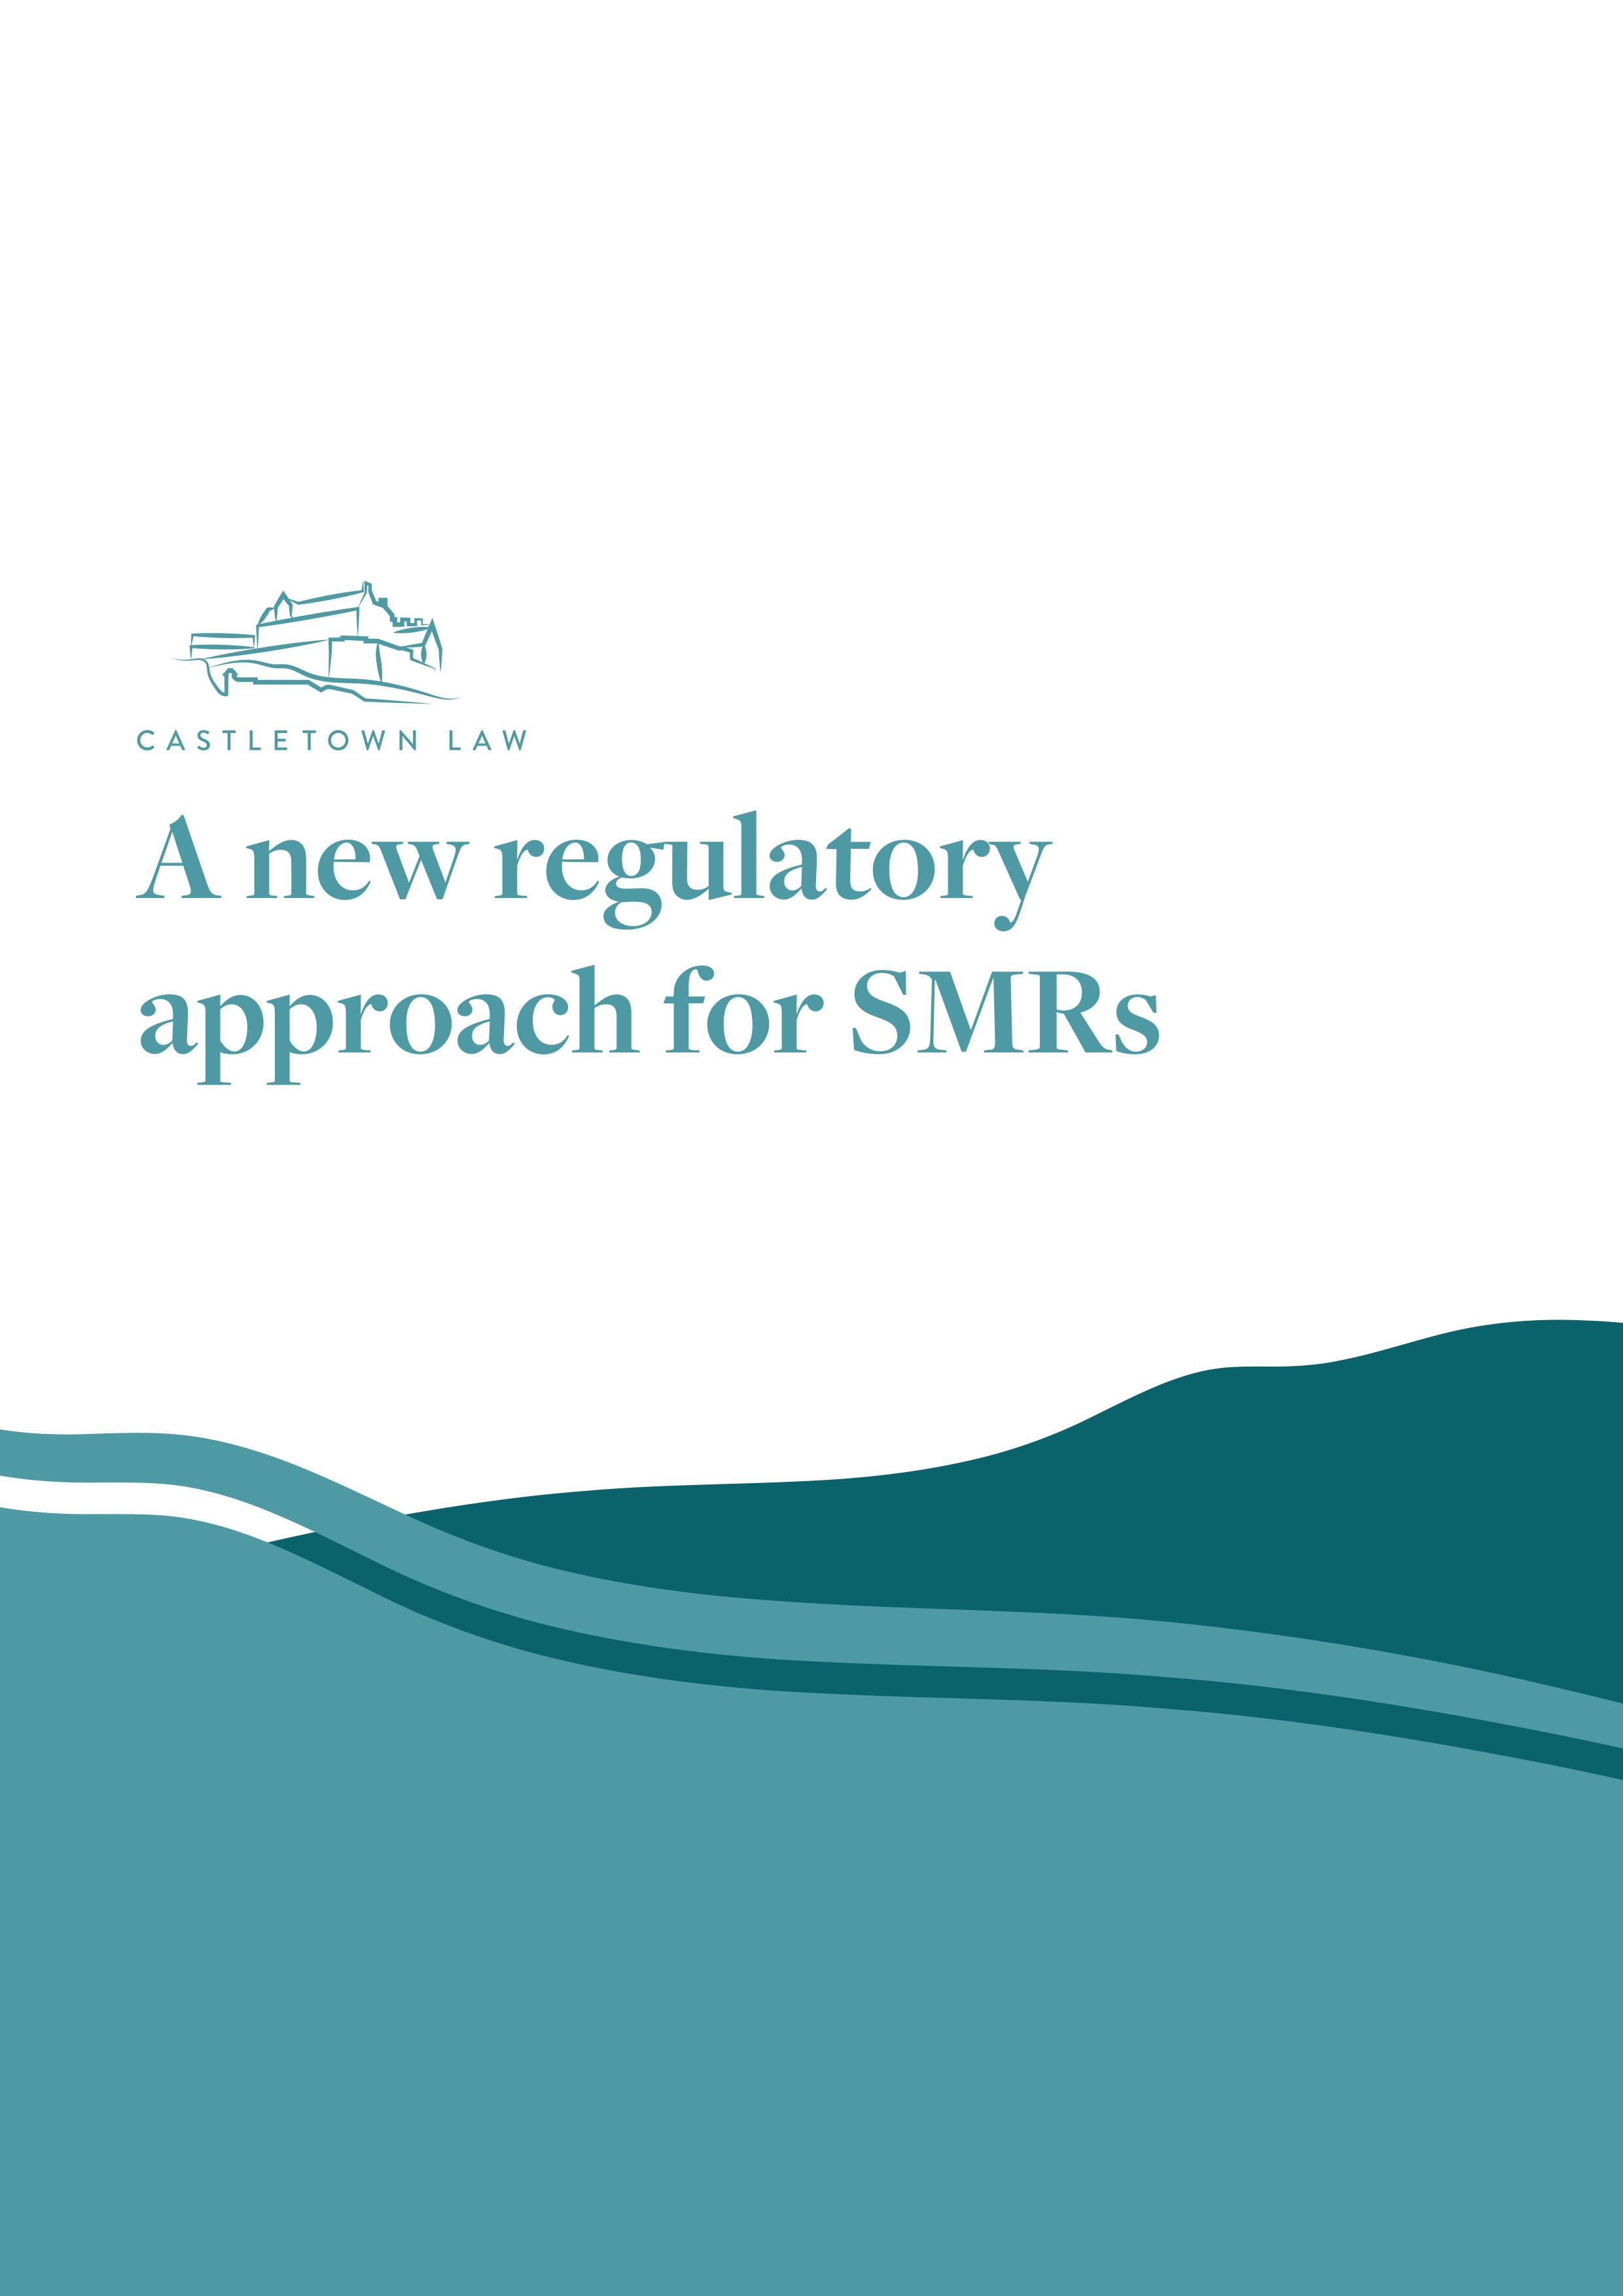 A new regulatory approach for SMRs